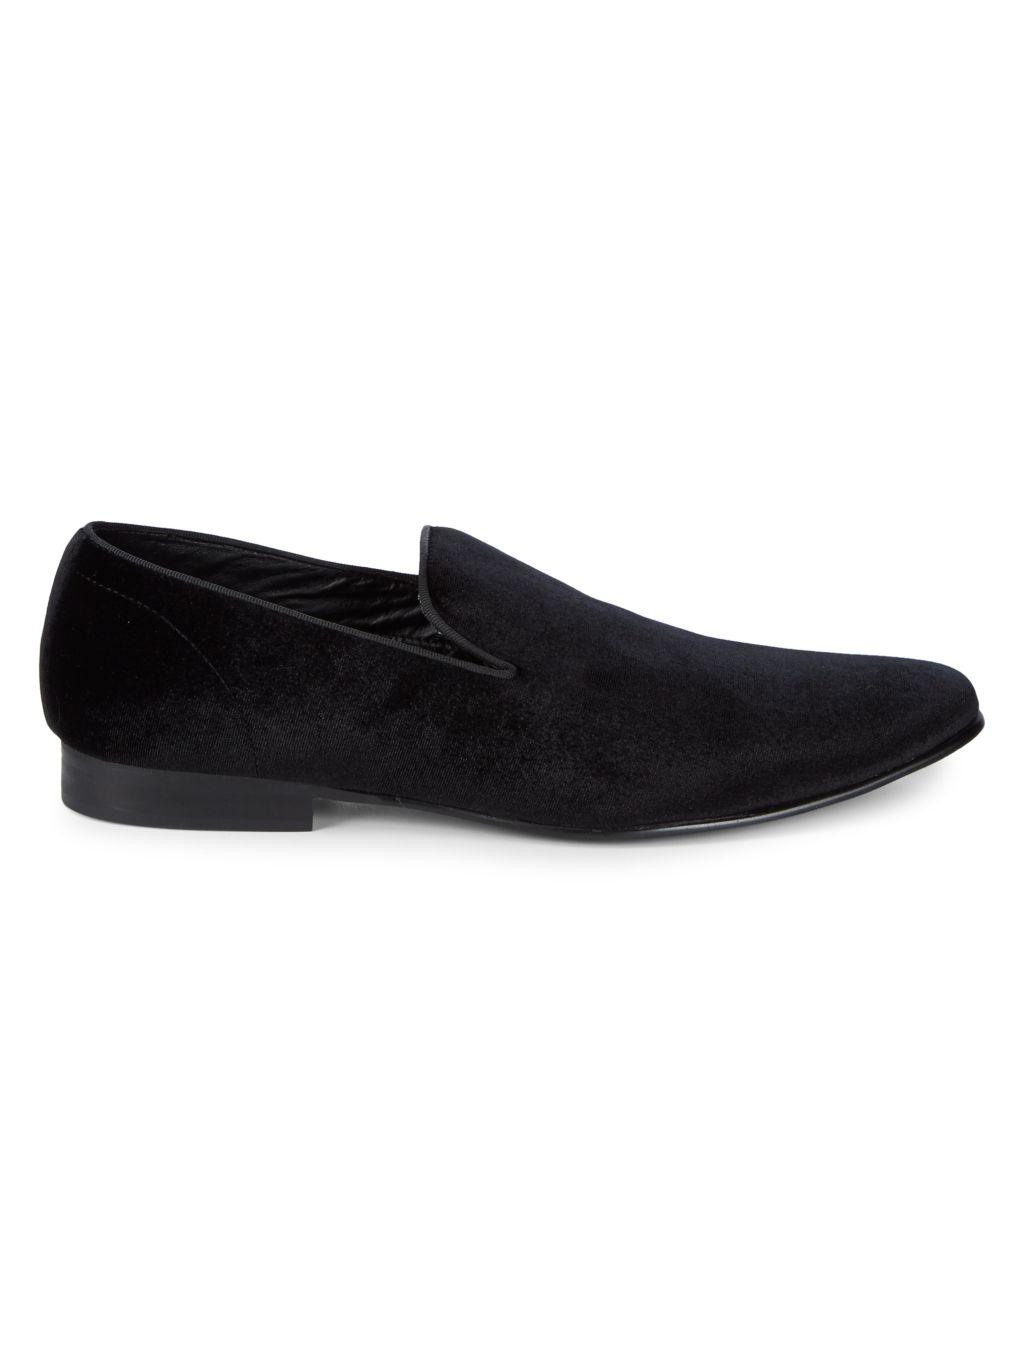 Steve Madden Classic Velvet Loafers